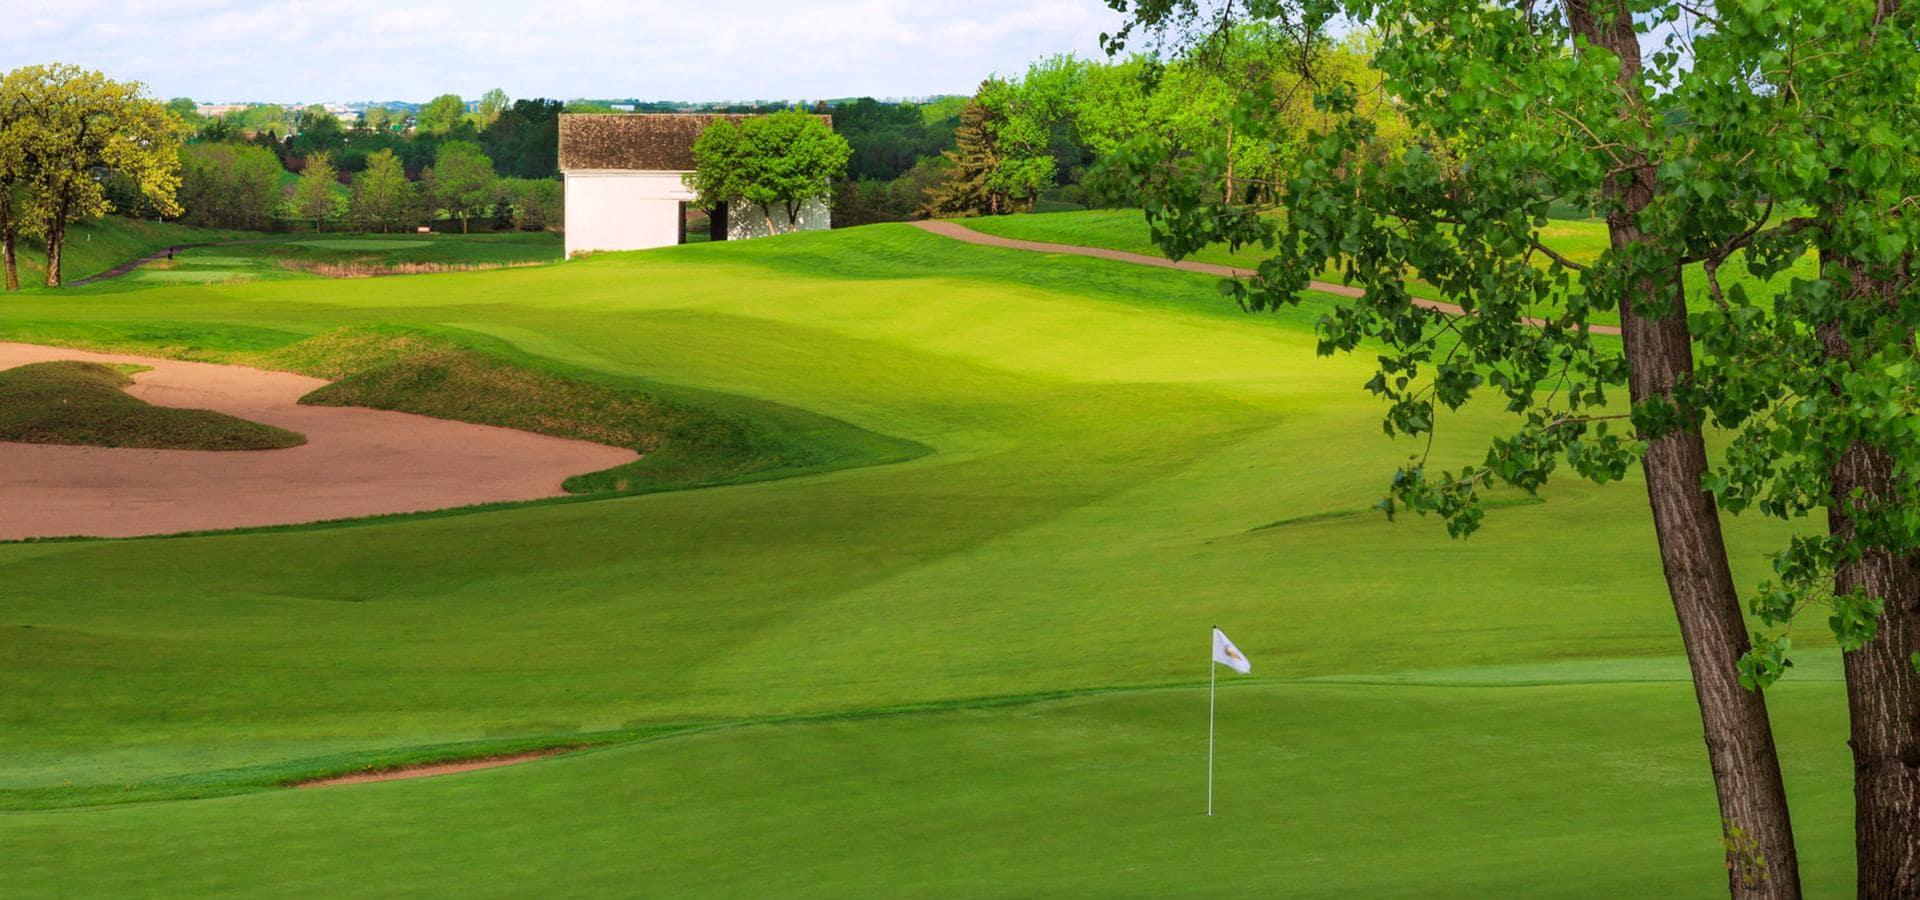 5 Best Golf Course Maintenance Tips